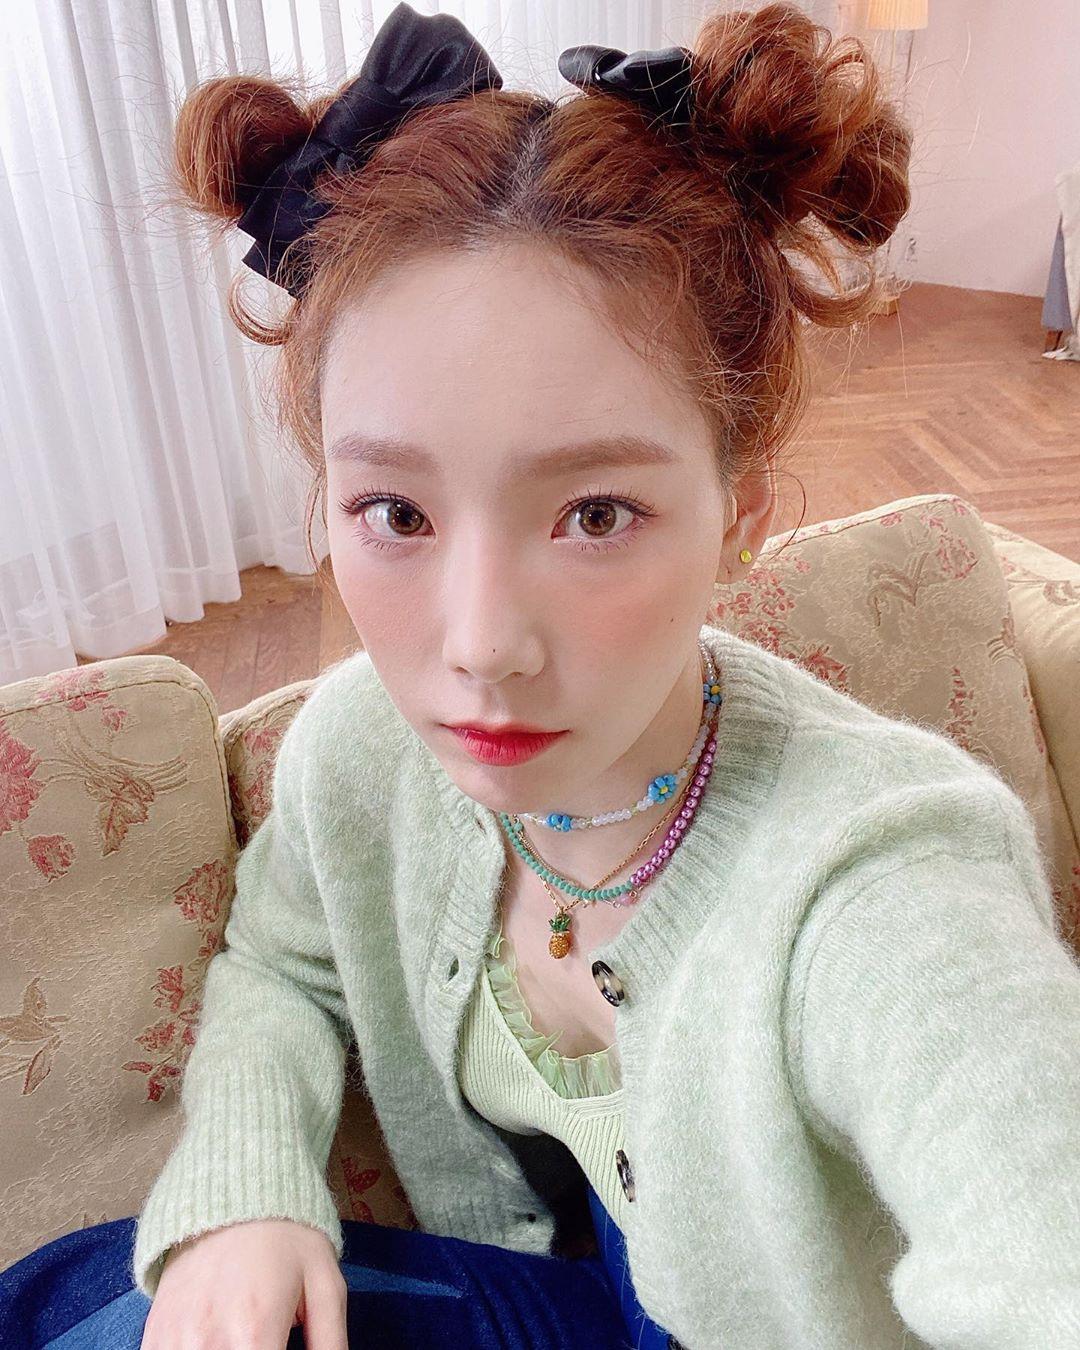 Tae Yeon là một tín đồ của thời trang đầu năm 2000 nên diện vòng nhựa rất tích cực. Cô thường kết hợp vòng theo set, giúp trang phục màu pastel có thêm điểm nhấn.